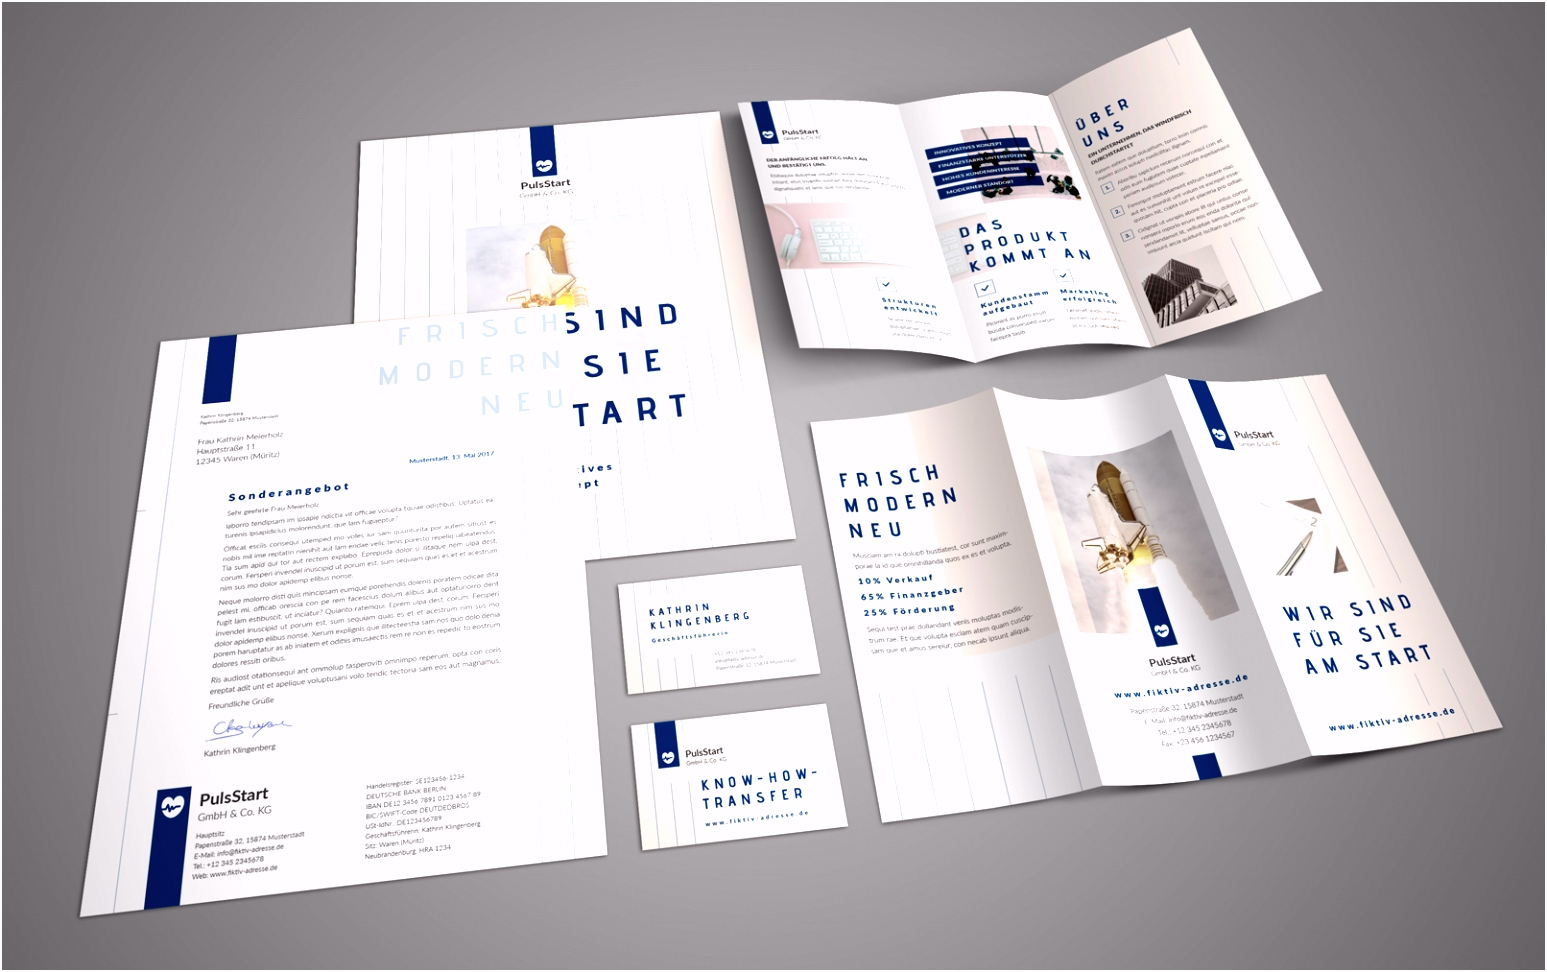 Corporate Design Ausstattung Marketing für Startups & Gründer